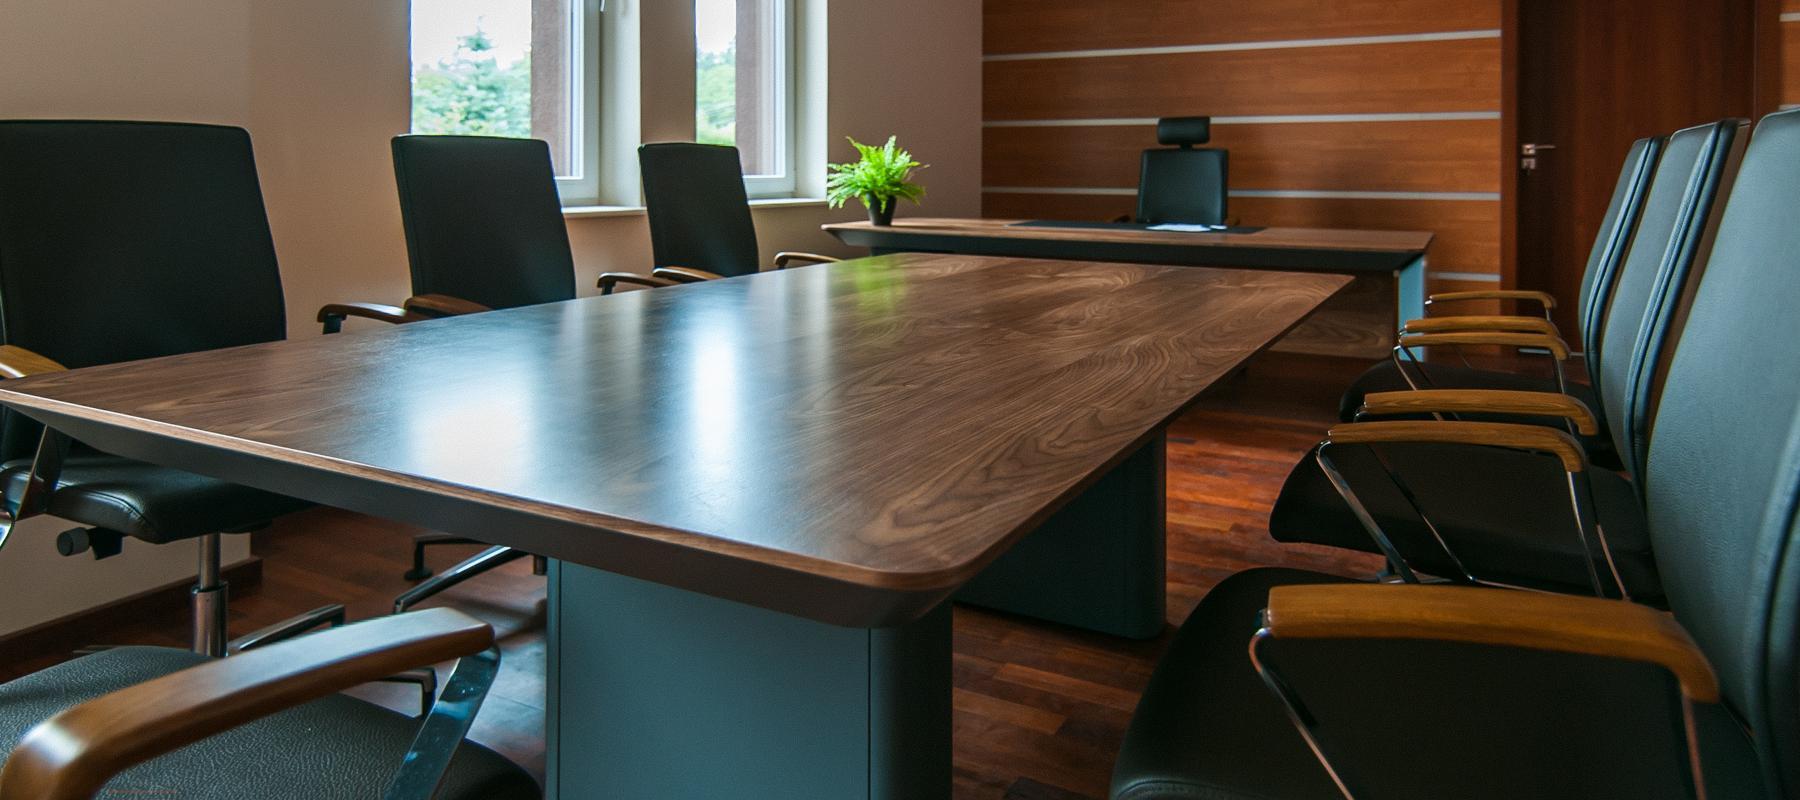 Aranżacja biura z drewnianą płytą na ścianie